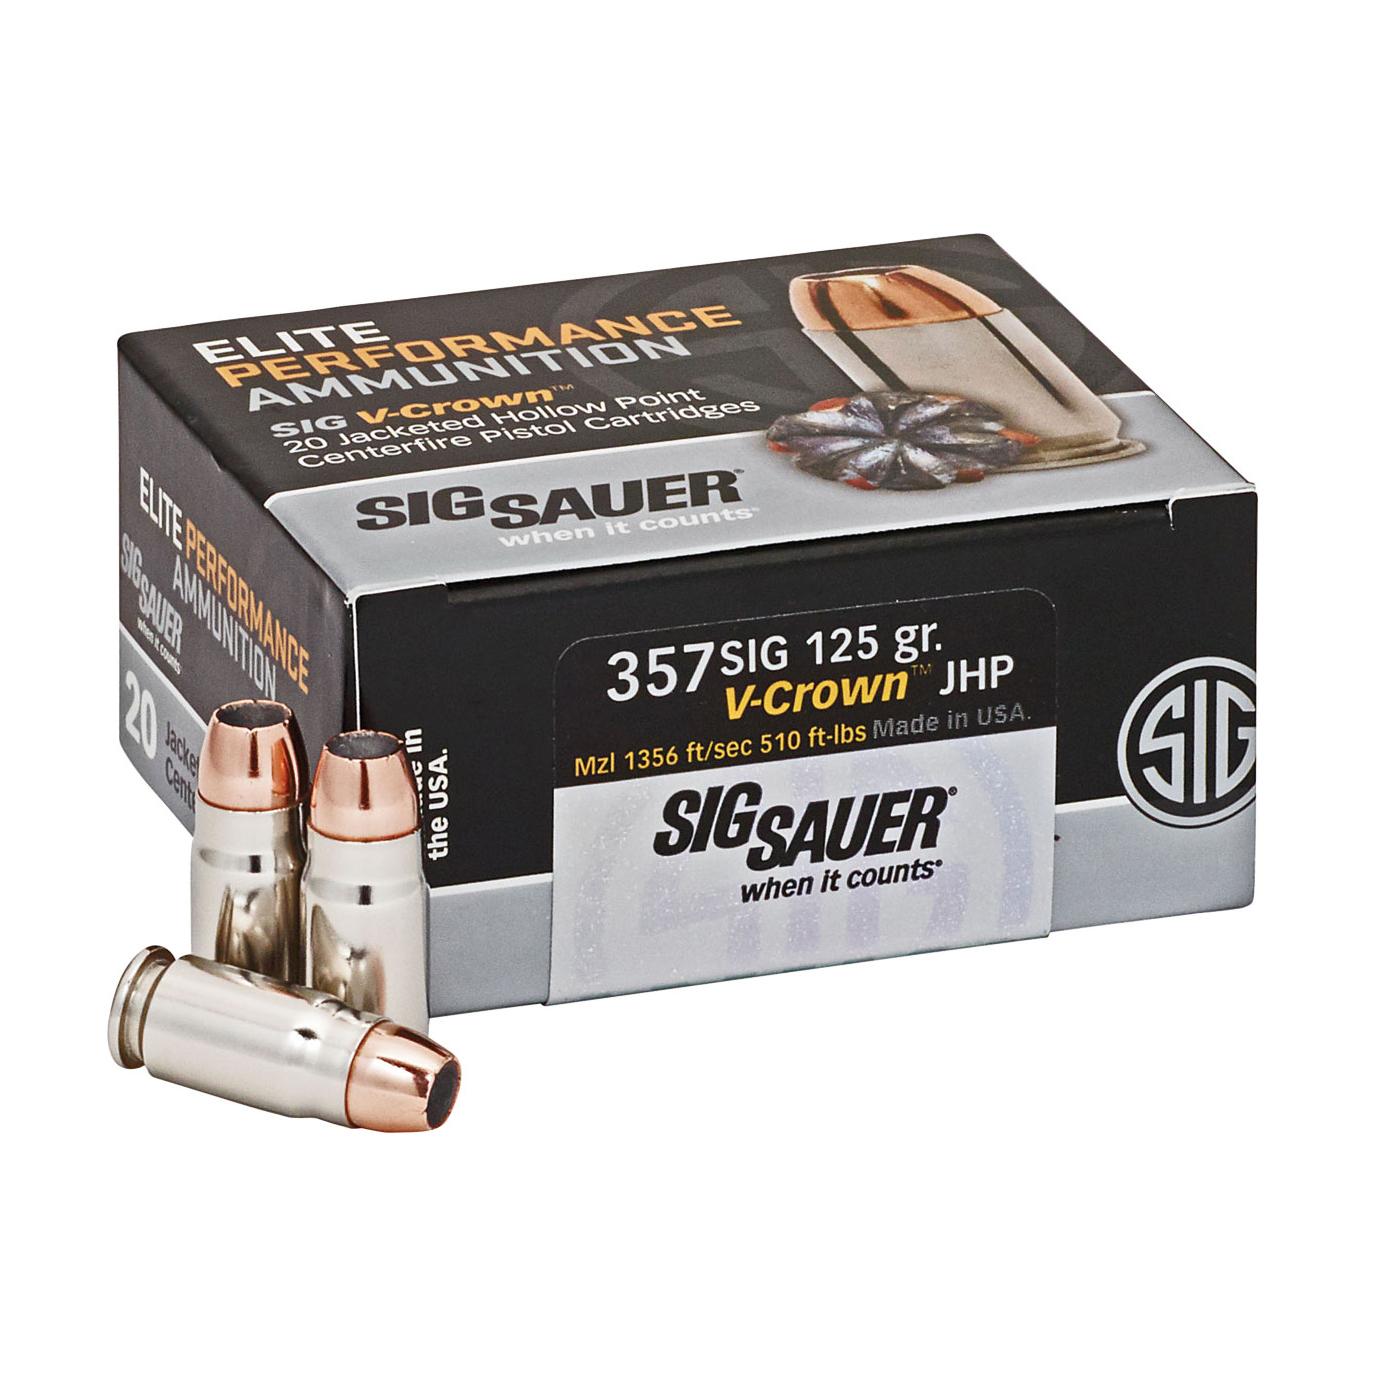 SIG Sauer Elite Performance V-Crown Ammunition, .357 SIG, 125-gr, JHP